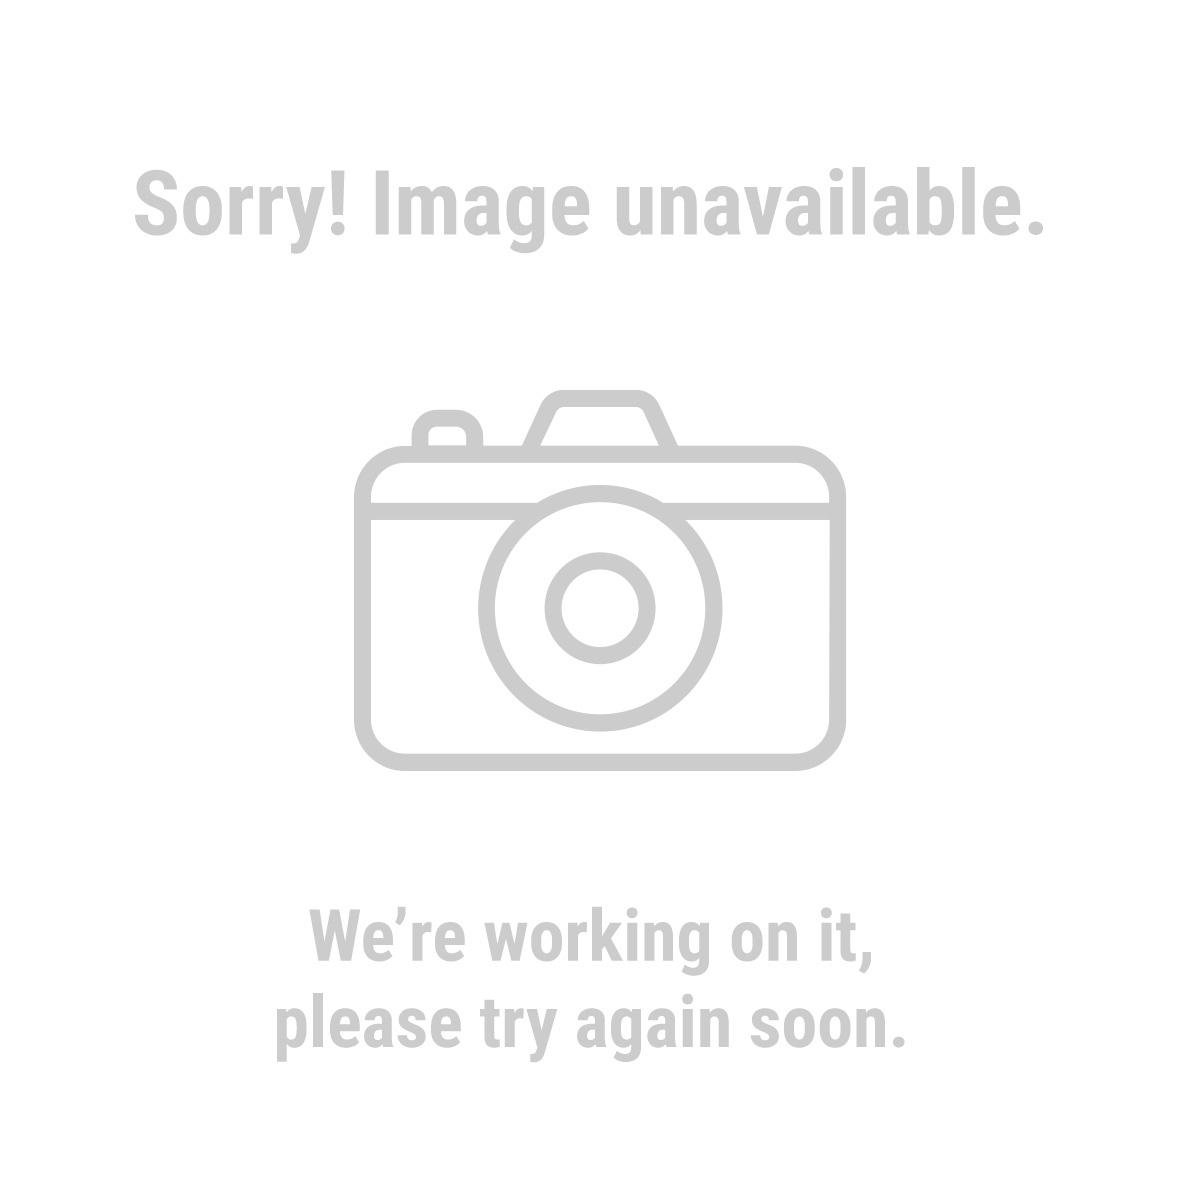 12 torque wrench 3 ton steel jack stands fandeluxe Gallery